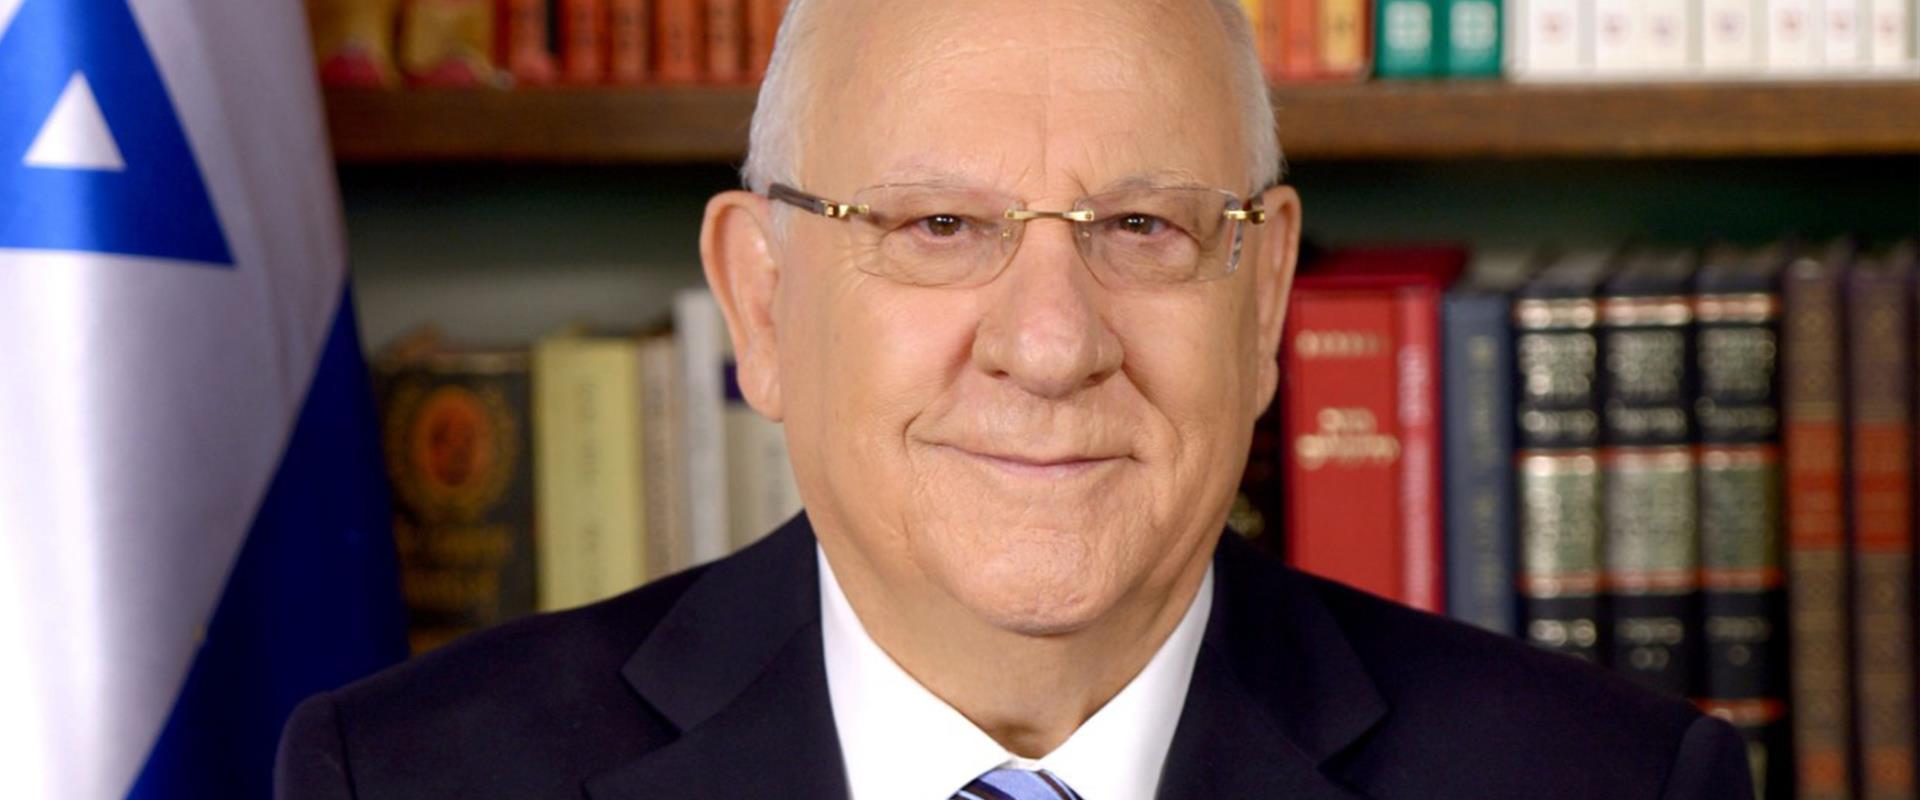 נשיא המדינה ראובן רבלין